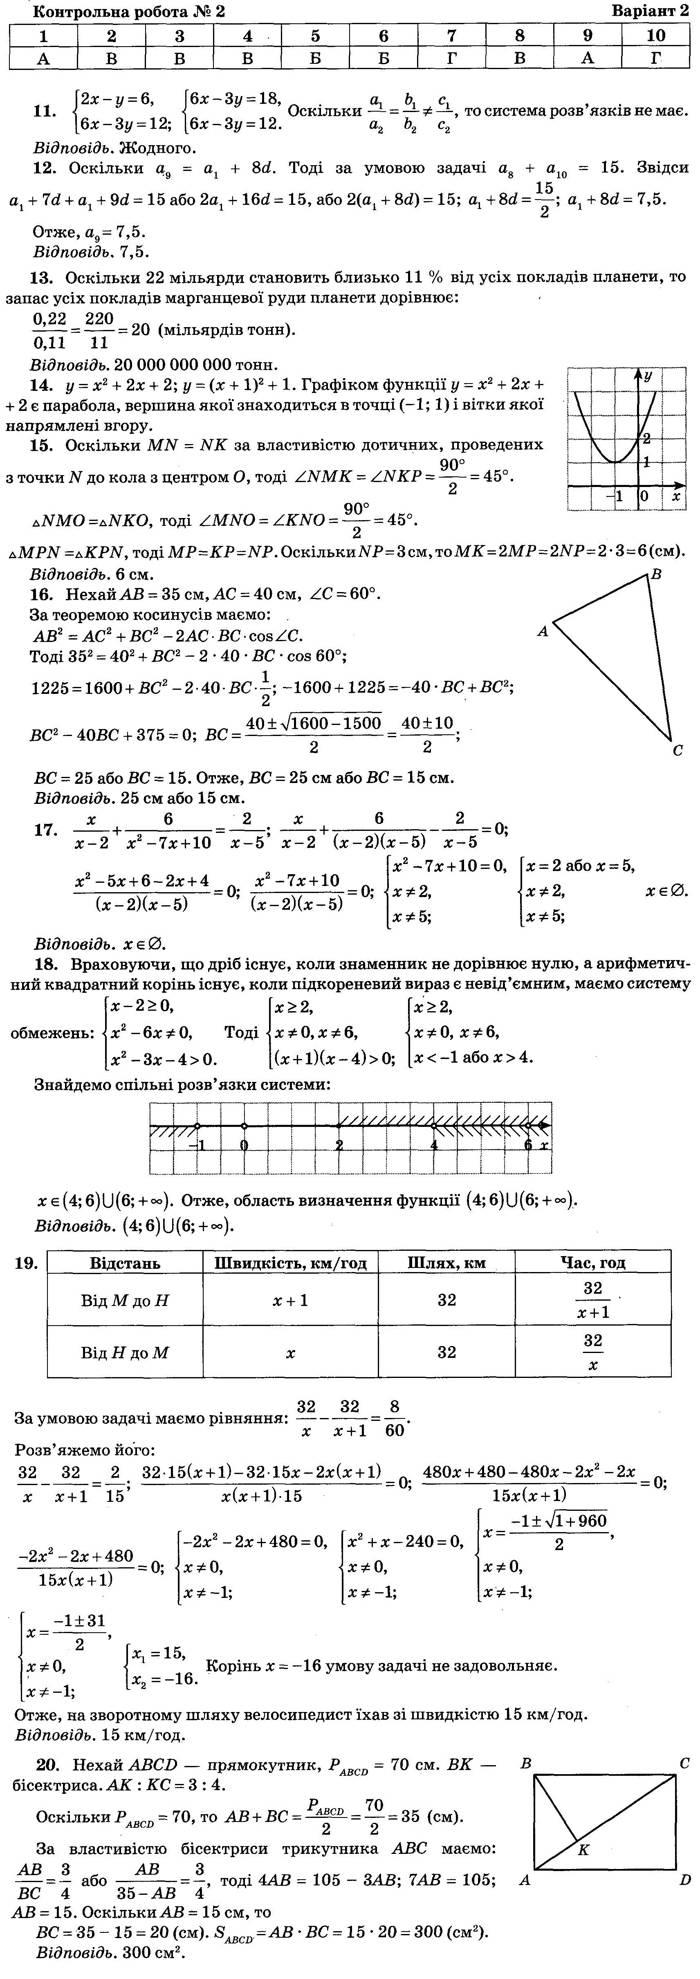 Відповіді до контрольної роботи 2 варіант 2 посібника ДПА-2018 9 клас Математика Бевз Збірник завдань